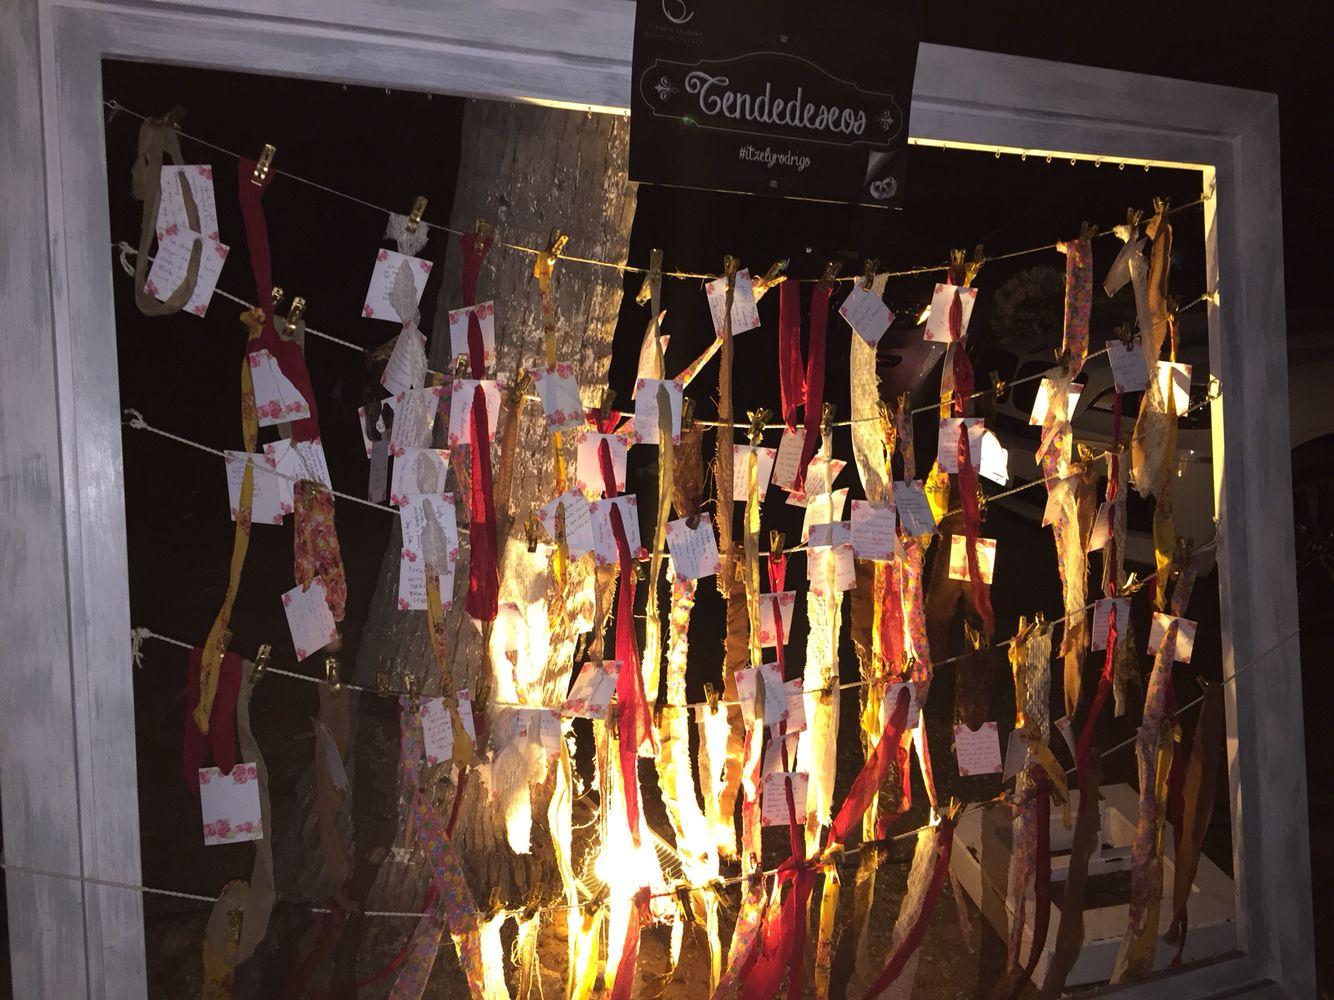 #tendedeseos un deseo en una forma diferente idea original de #claudiasaldana